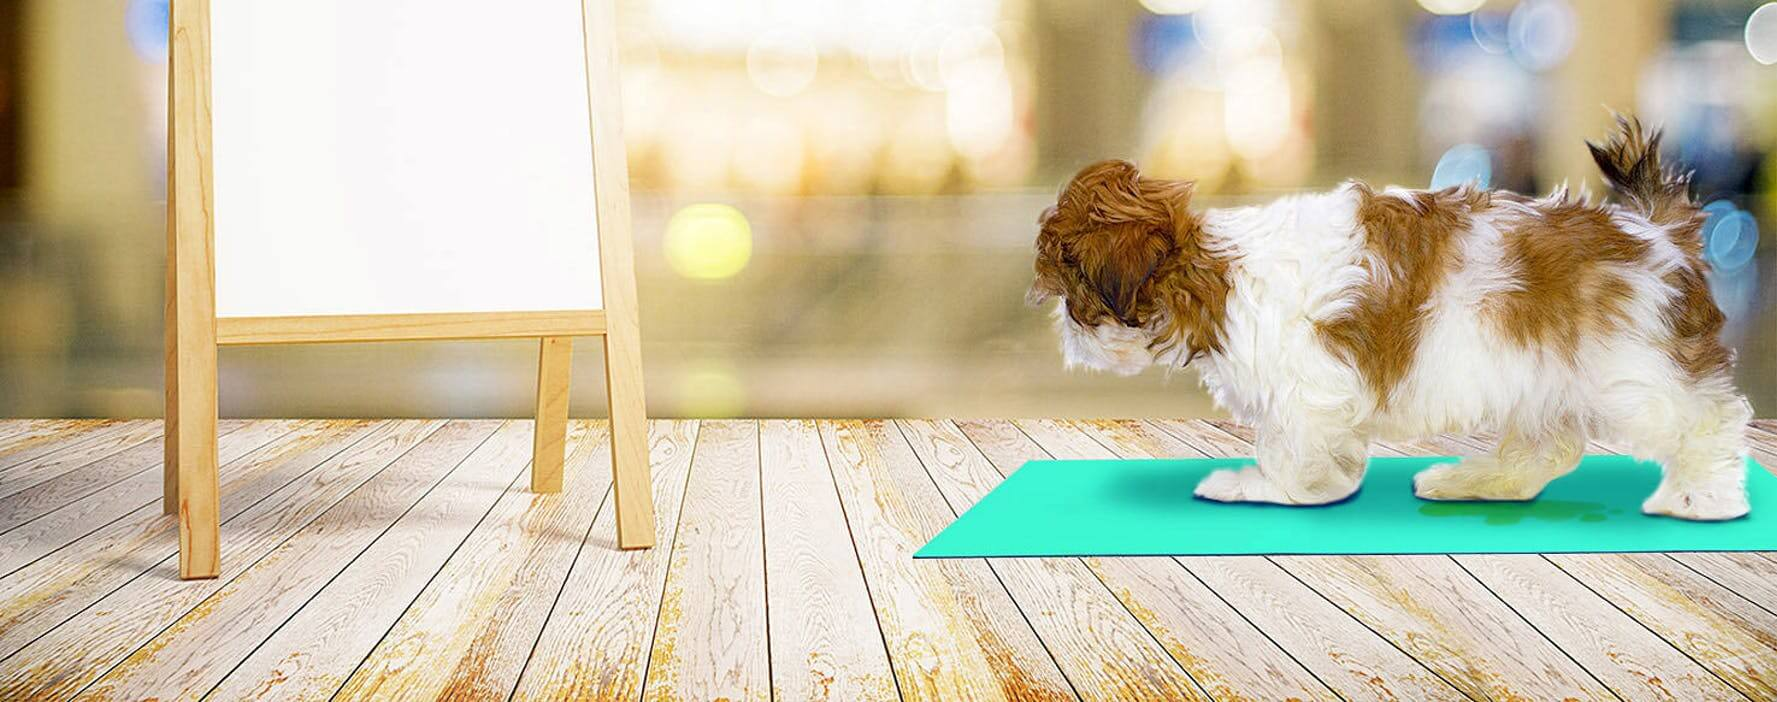 狗肝病症状及治疗方法